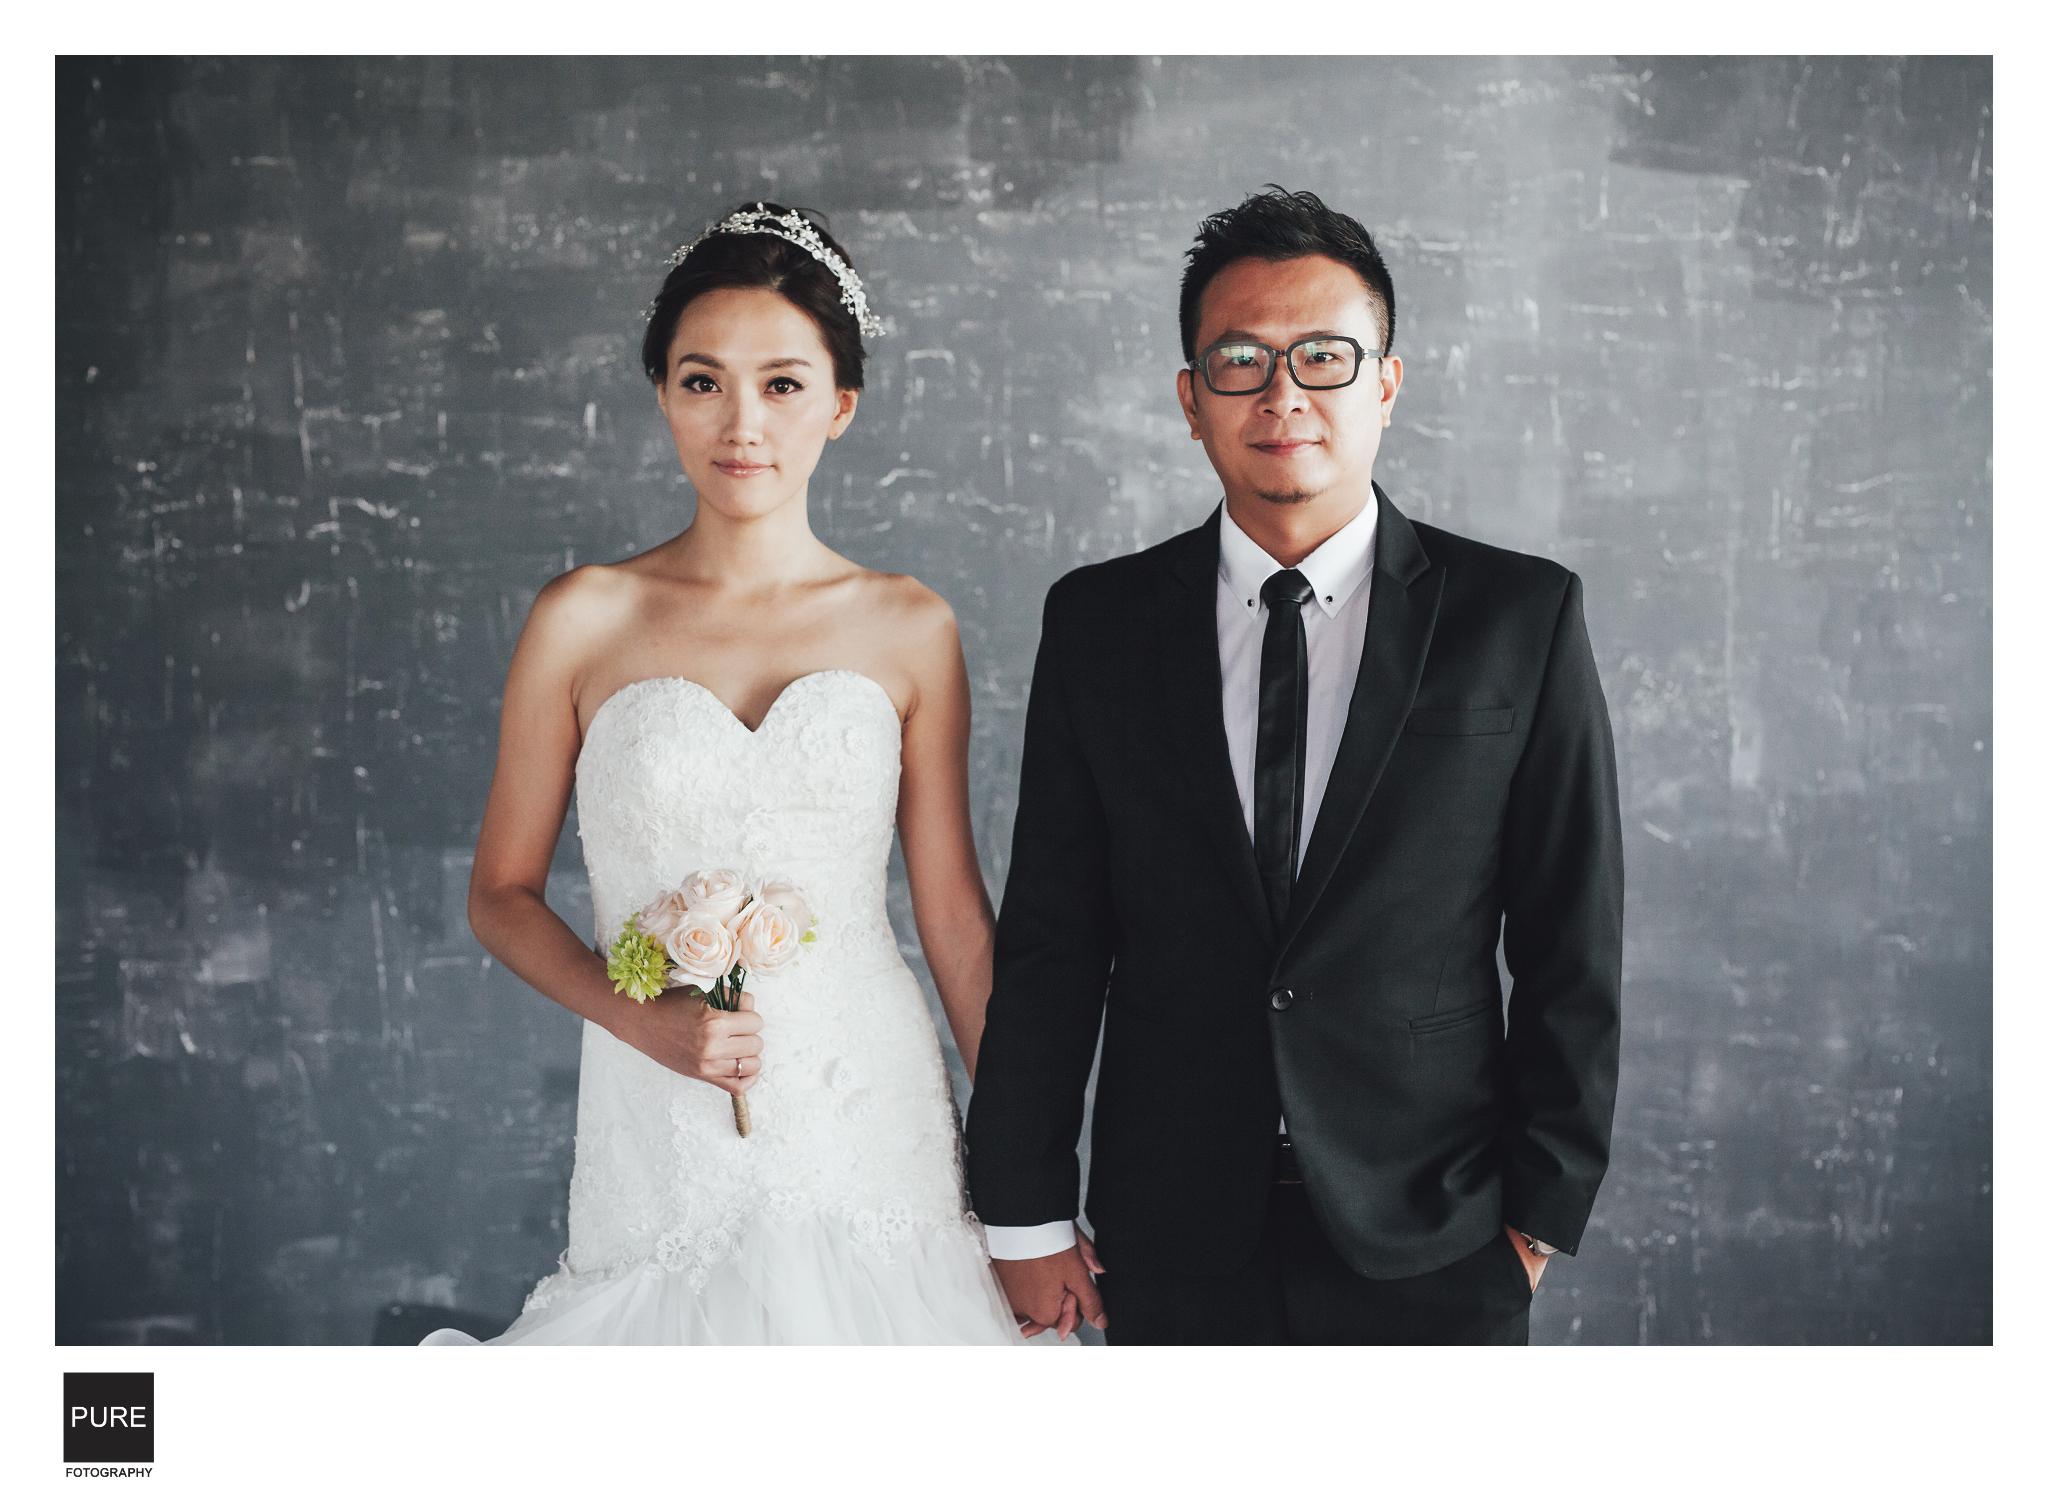 Signature-bao-jien 4.jpg